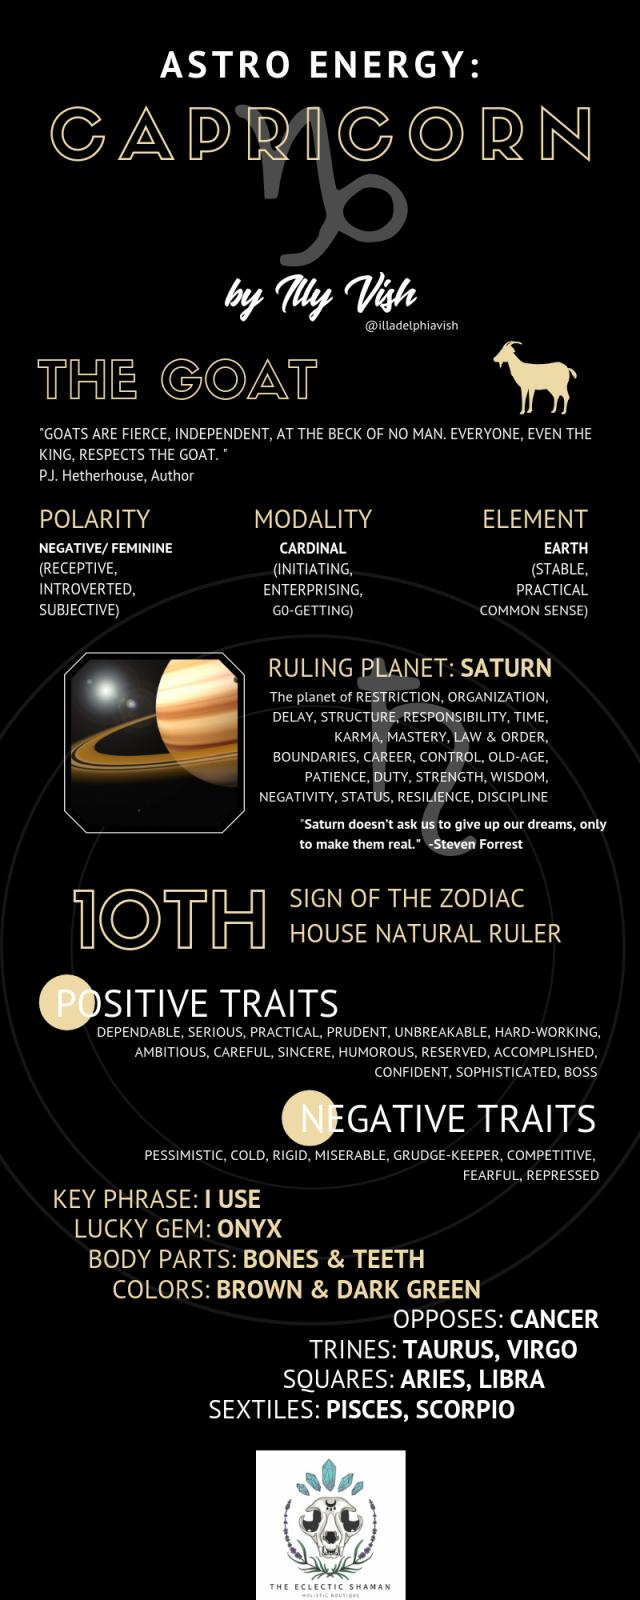 astro energy capricorn